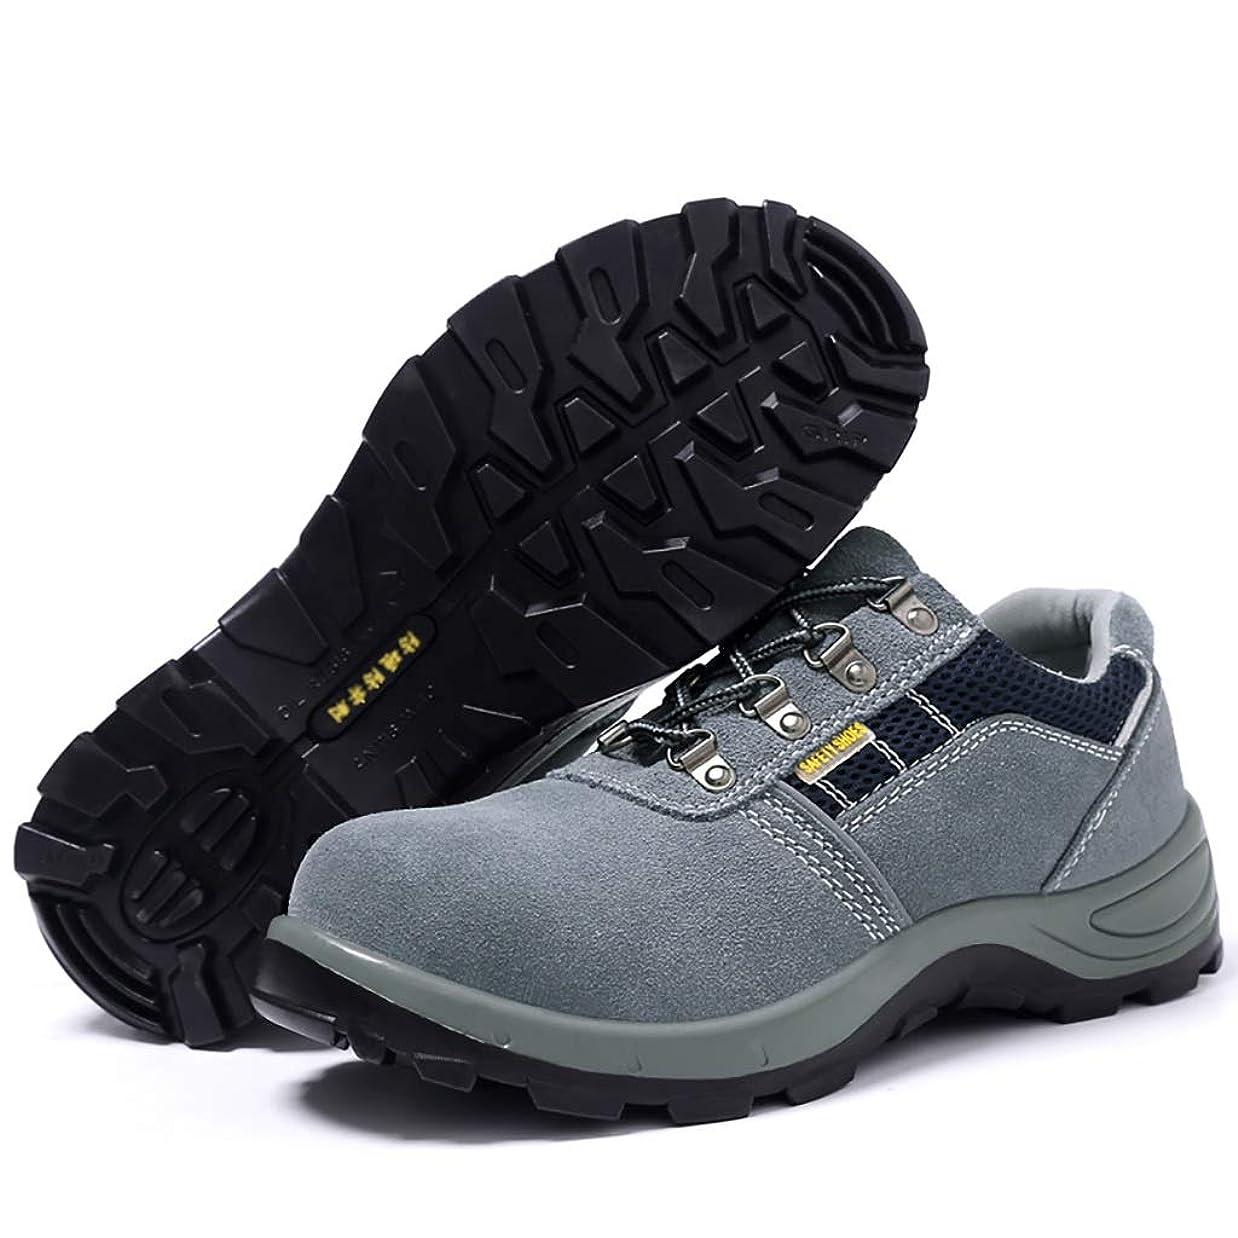 展望台起業家個人作業靴 黒のスエードの革の労働保険の靴、反スマッシングとアンチピアスの堅実な構造の靴、夏の鋼のつま先キャップの男性用安全靴 安全靴 (色 : D)